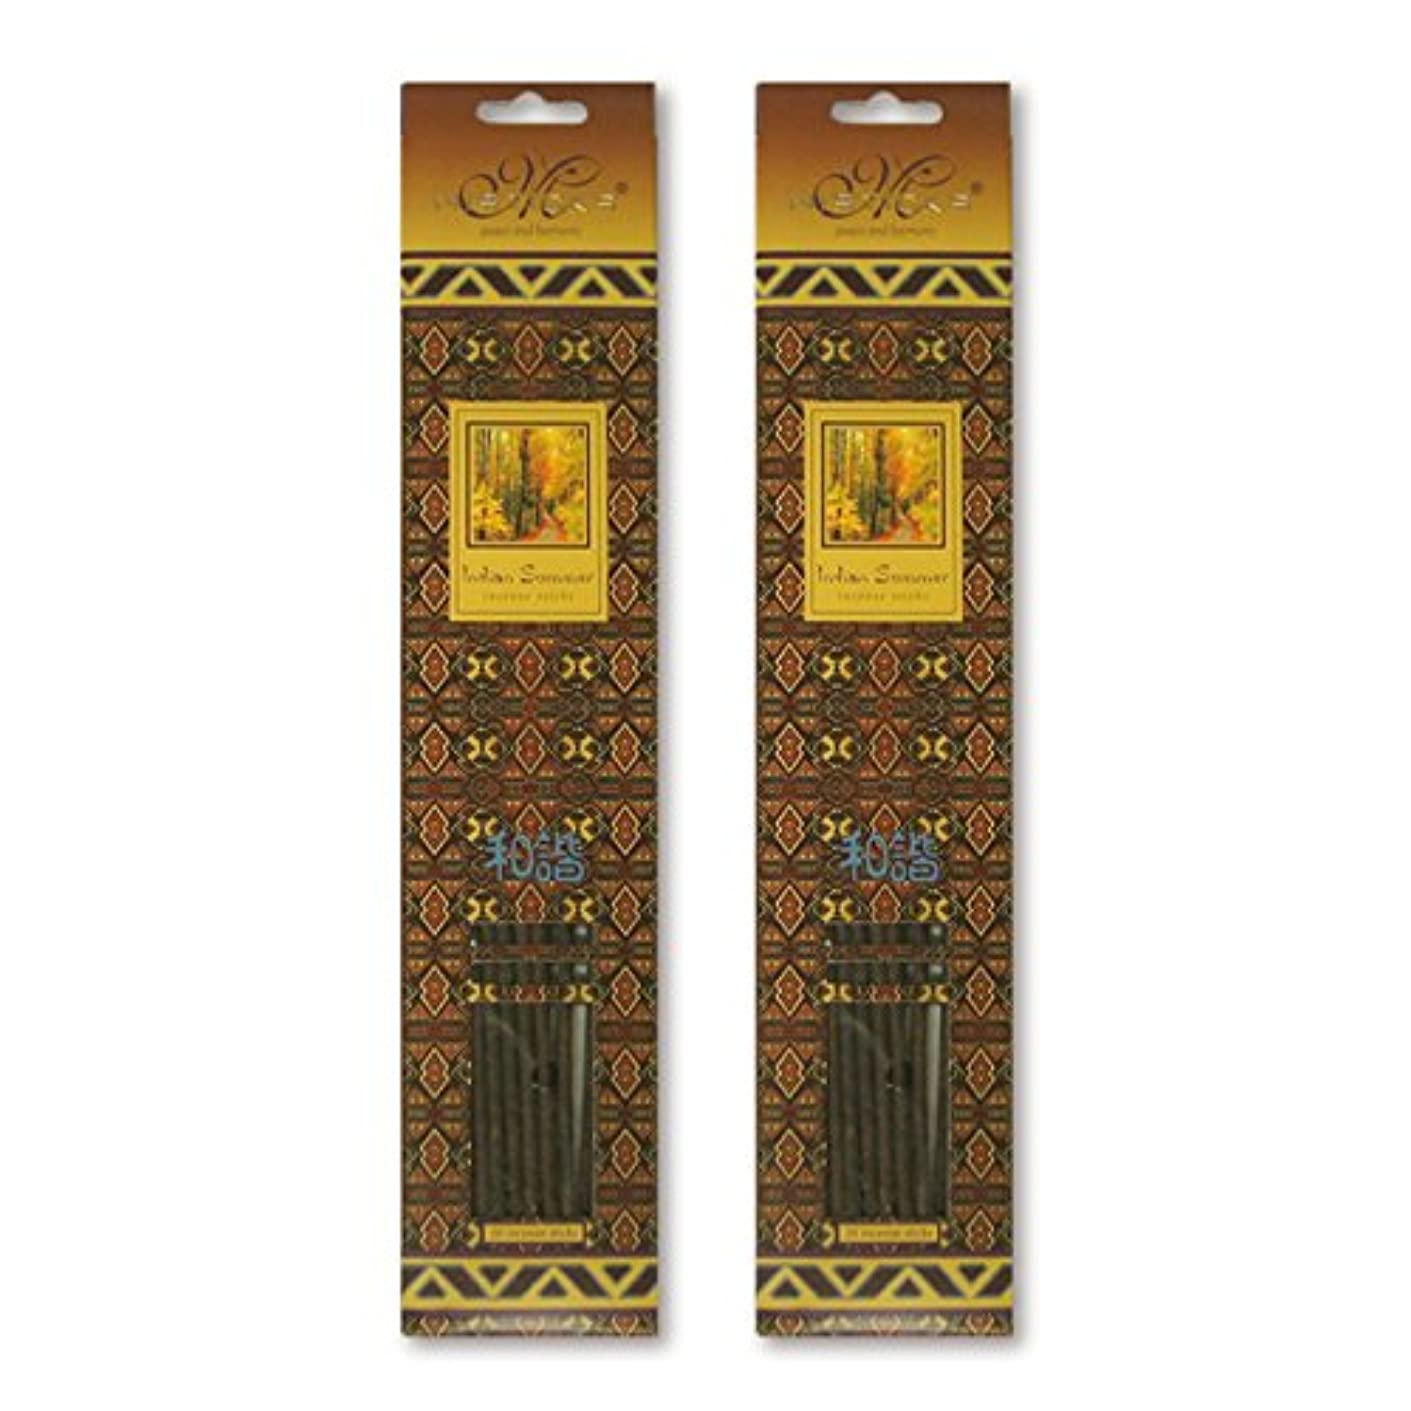 指定する思慮のないナイロンMISTICKS ミスティックス Indian Summer インディアンサマー お香 20本 X 2パック (40本)